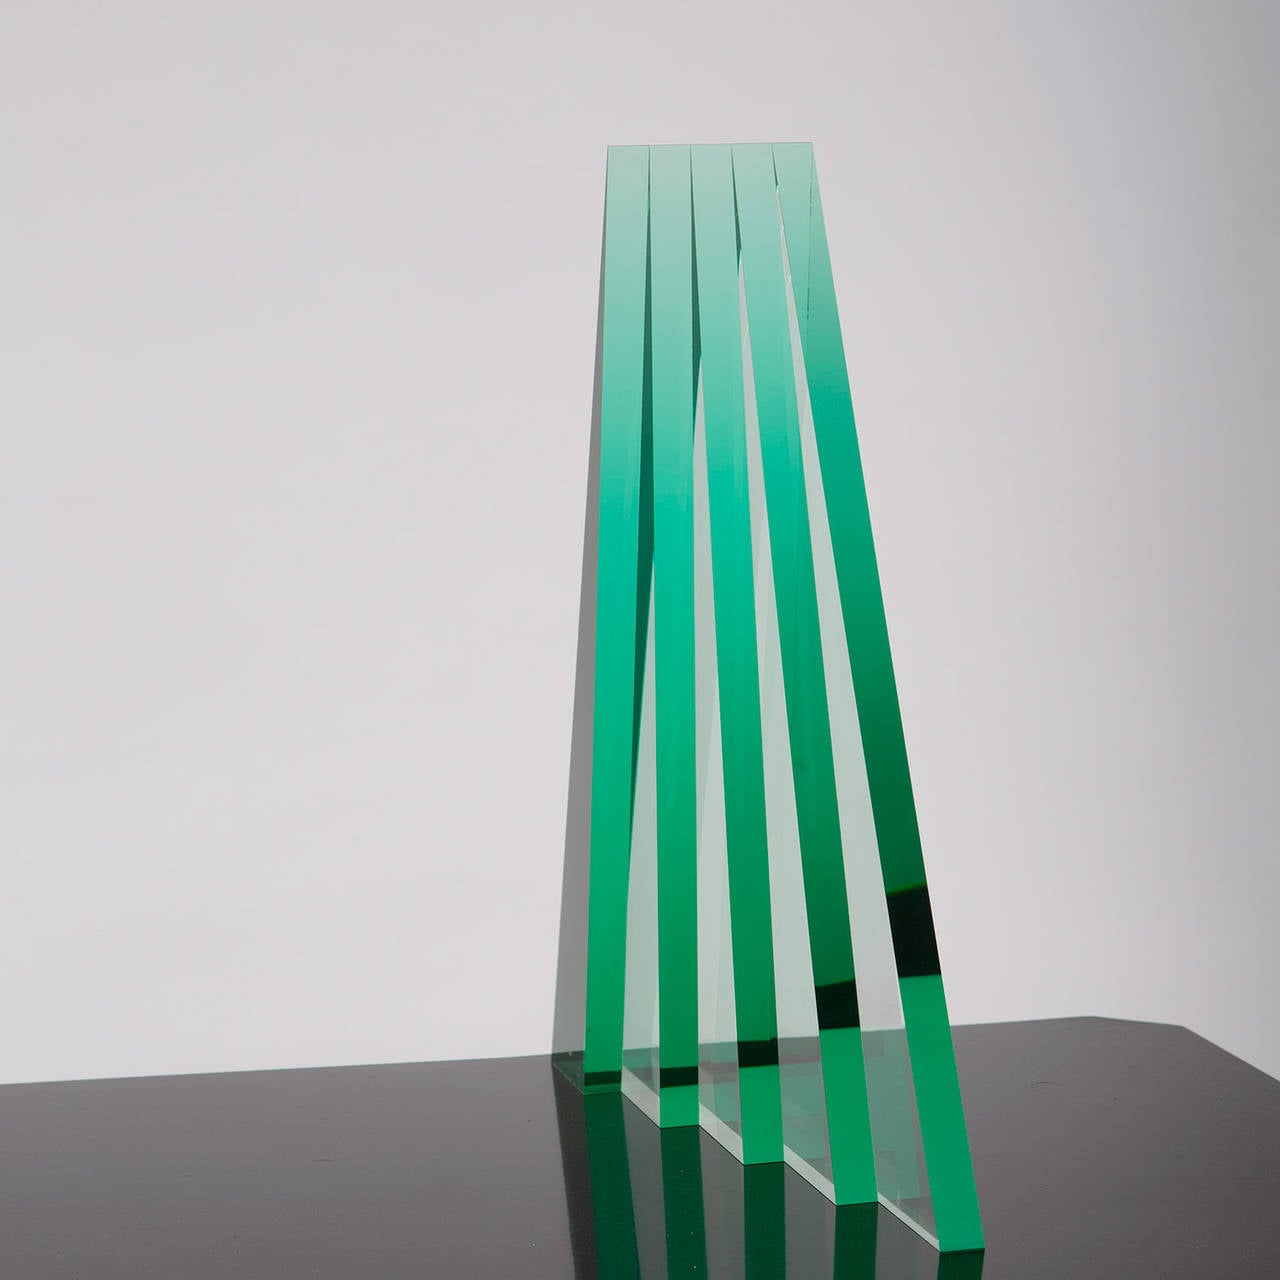 Impressive Plexiglas Sculpture by Luca Bonato for Fusina